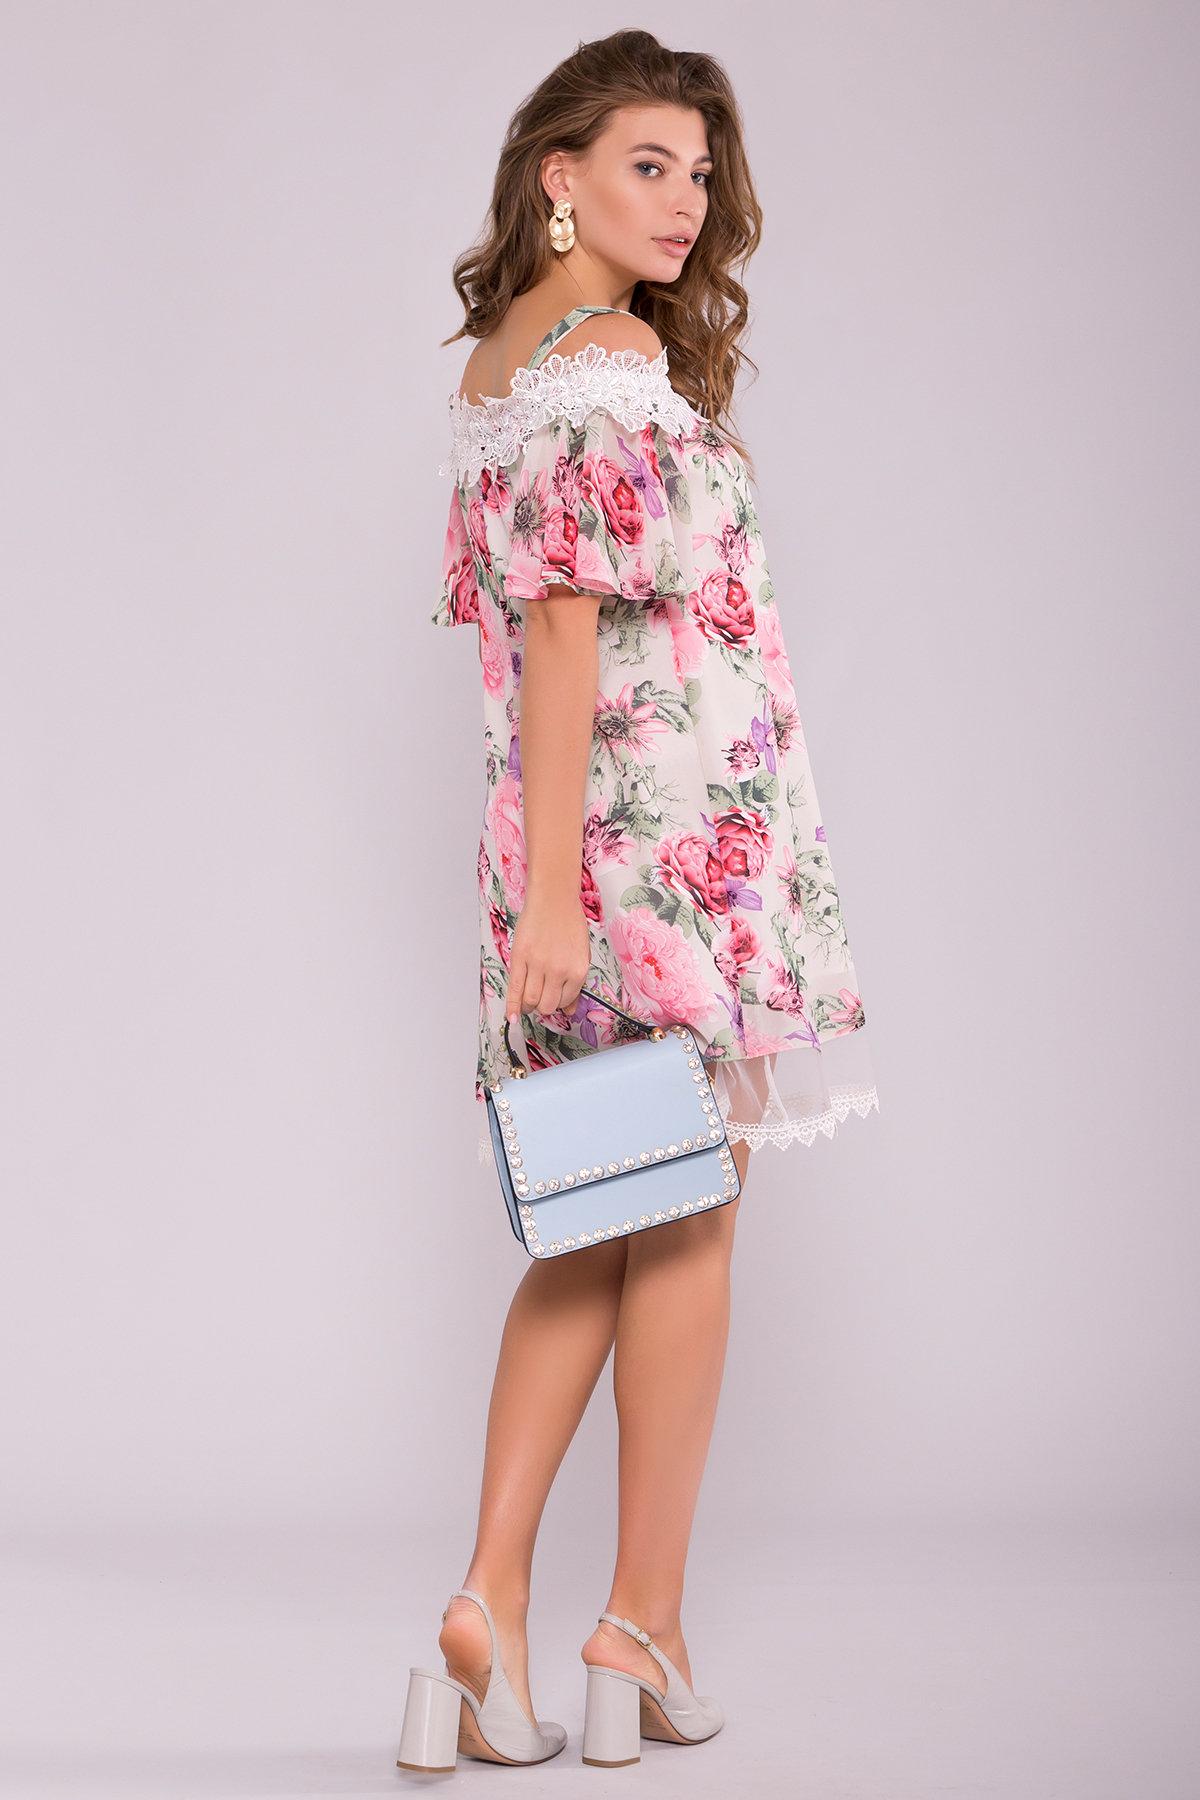 Платье Линда 6936 АРТ. 42297 Цвет: Цветы комби беж - фото 2, интернет магазин tm-modus.ru